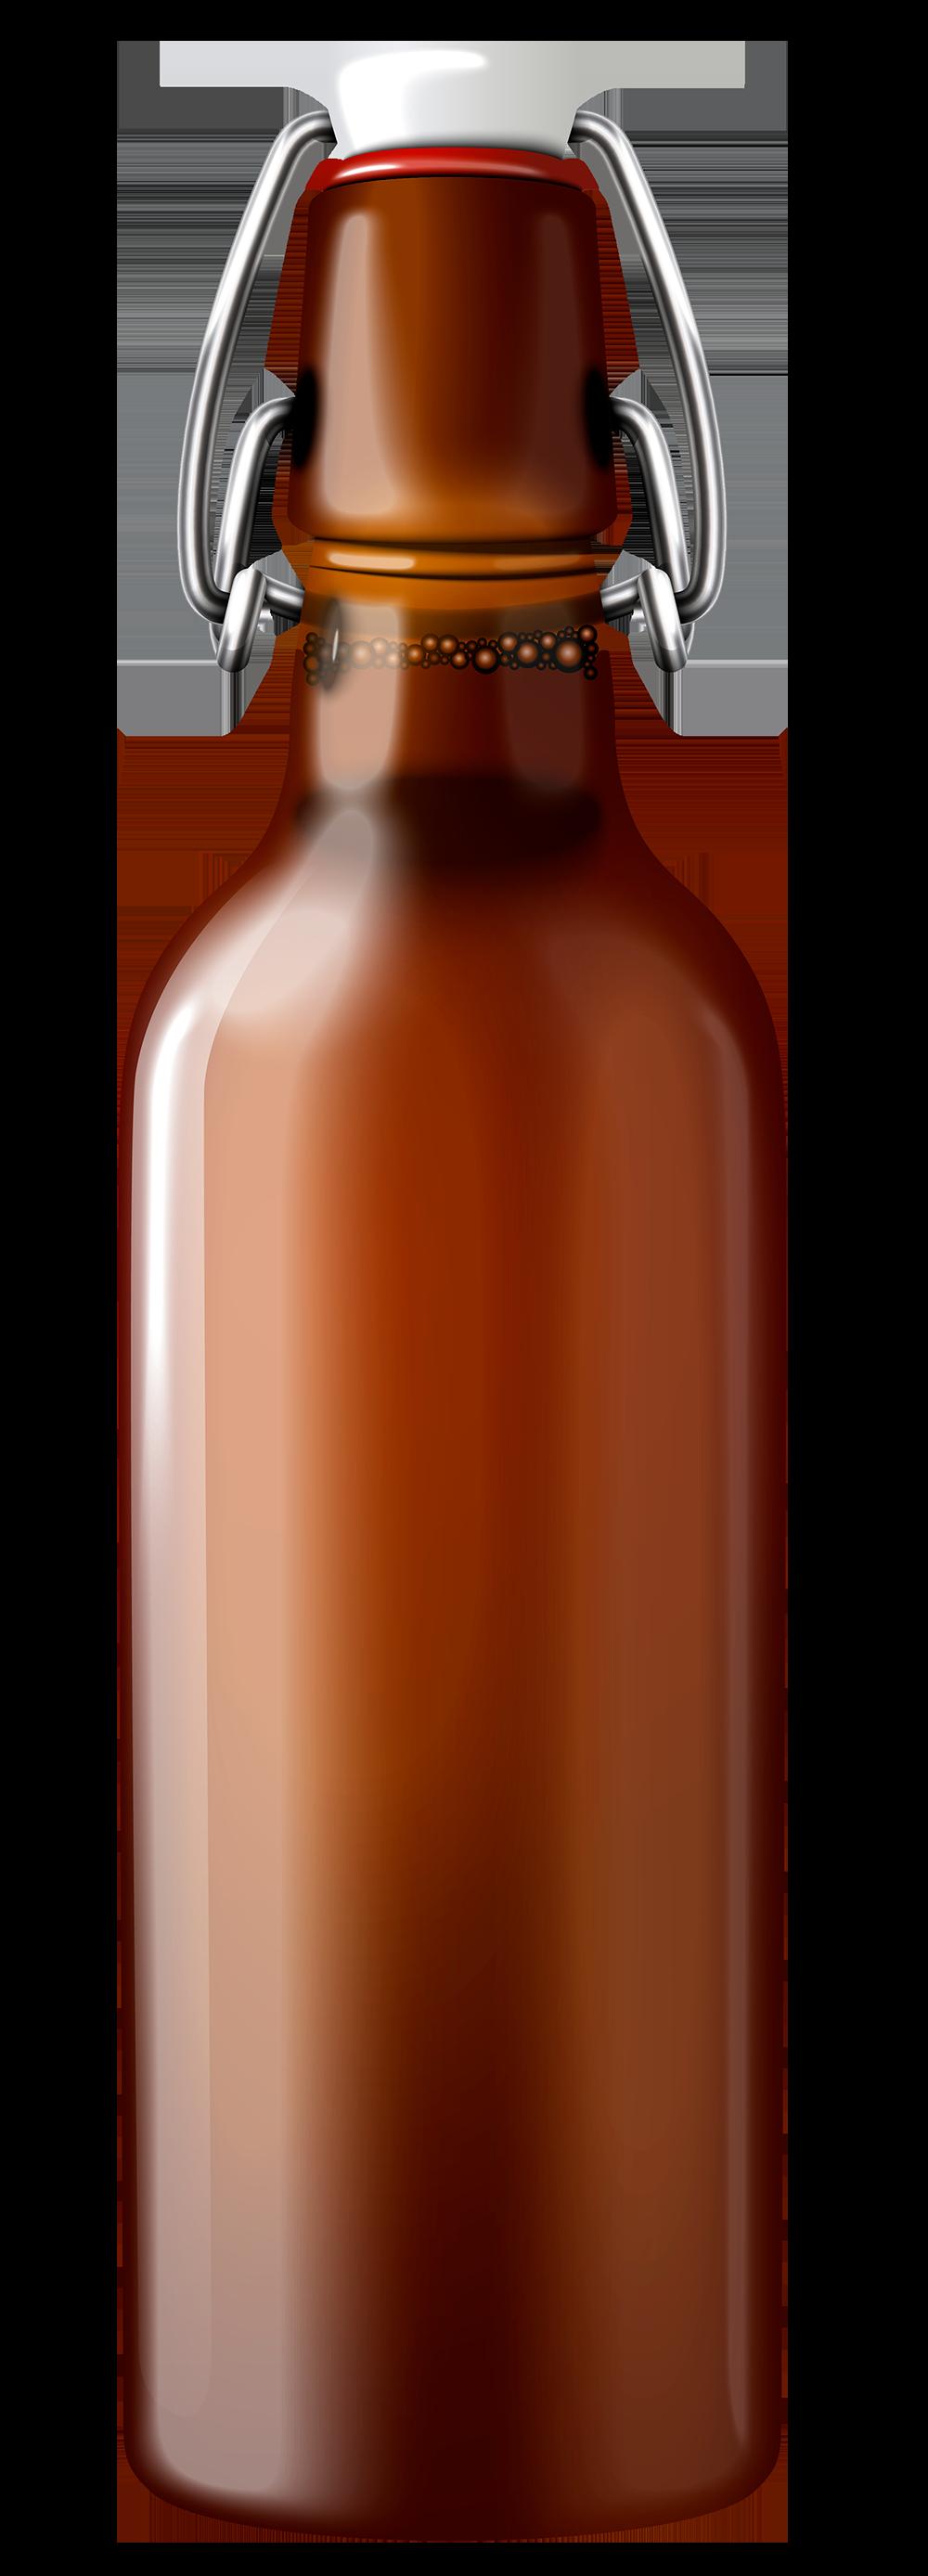 Бутылка пива - пиво, бутылки, алкоголь